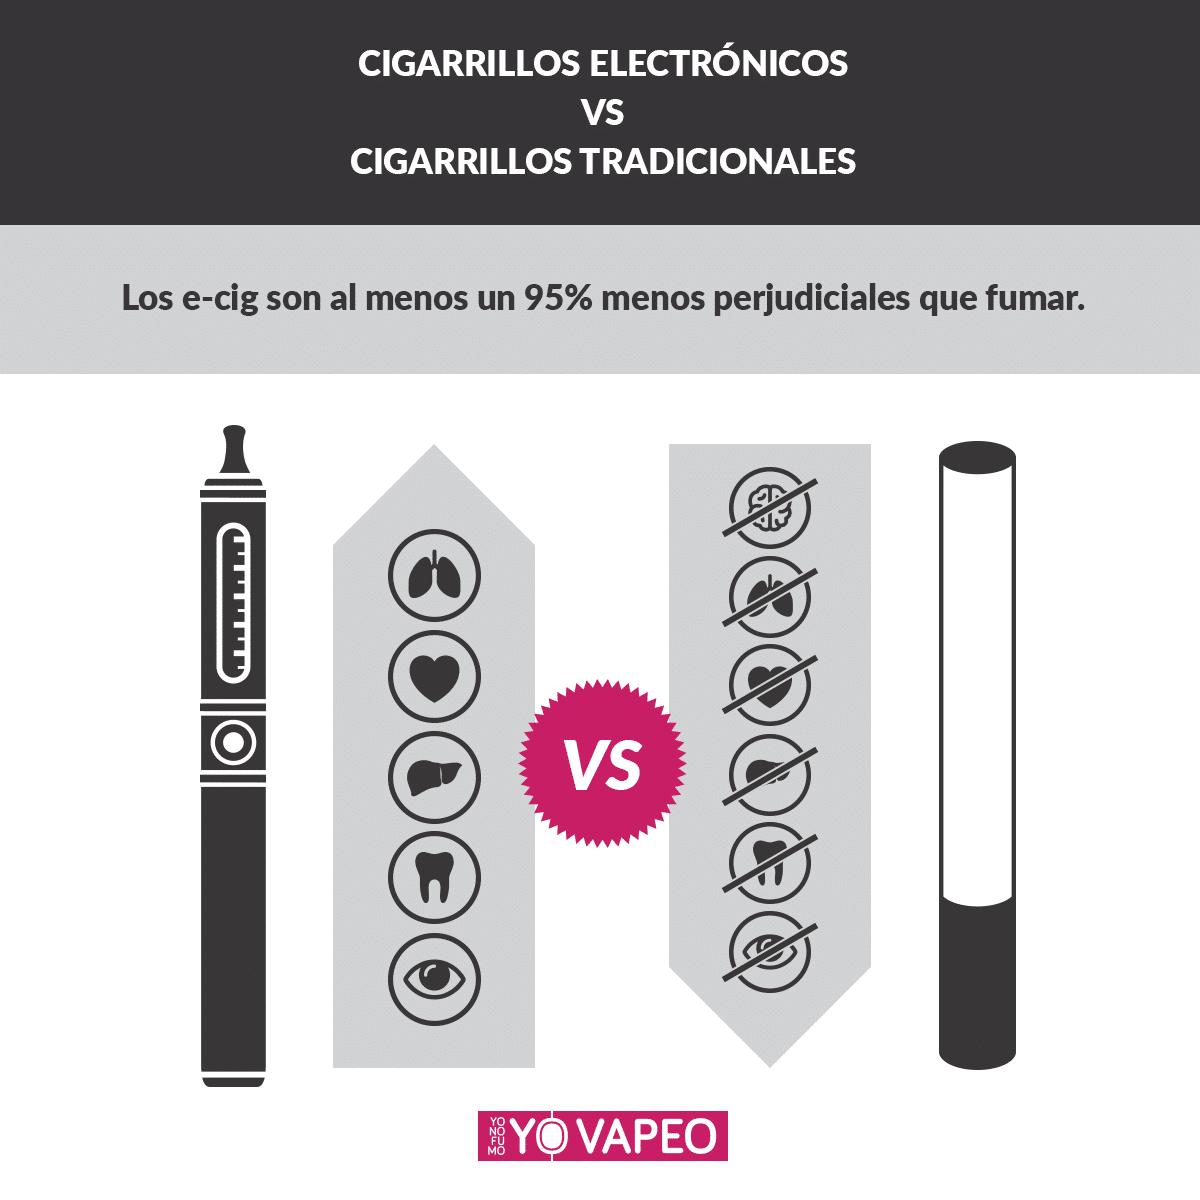 Cigarrillos electrónicos y cigarrillos tradicionales: diferencias